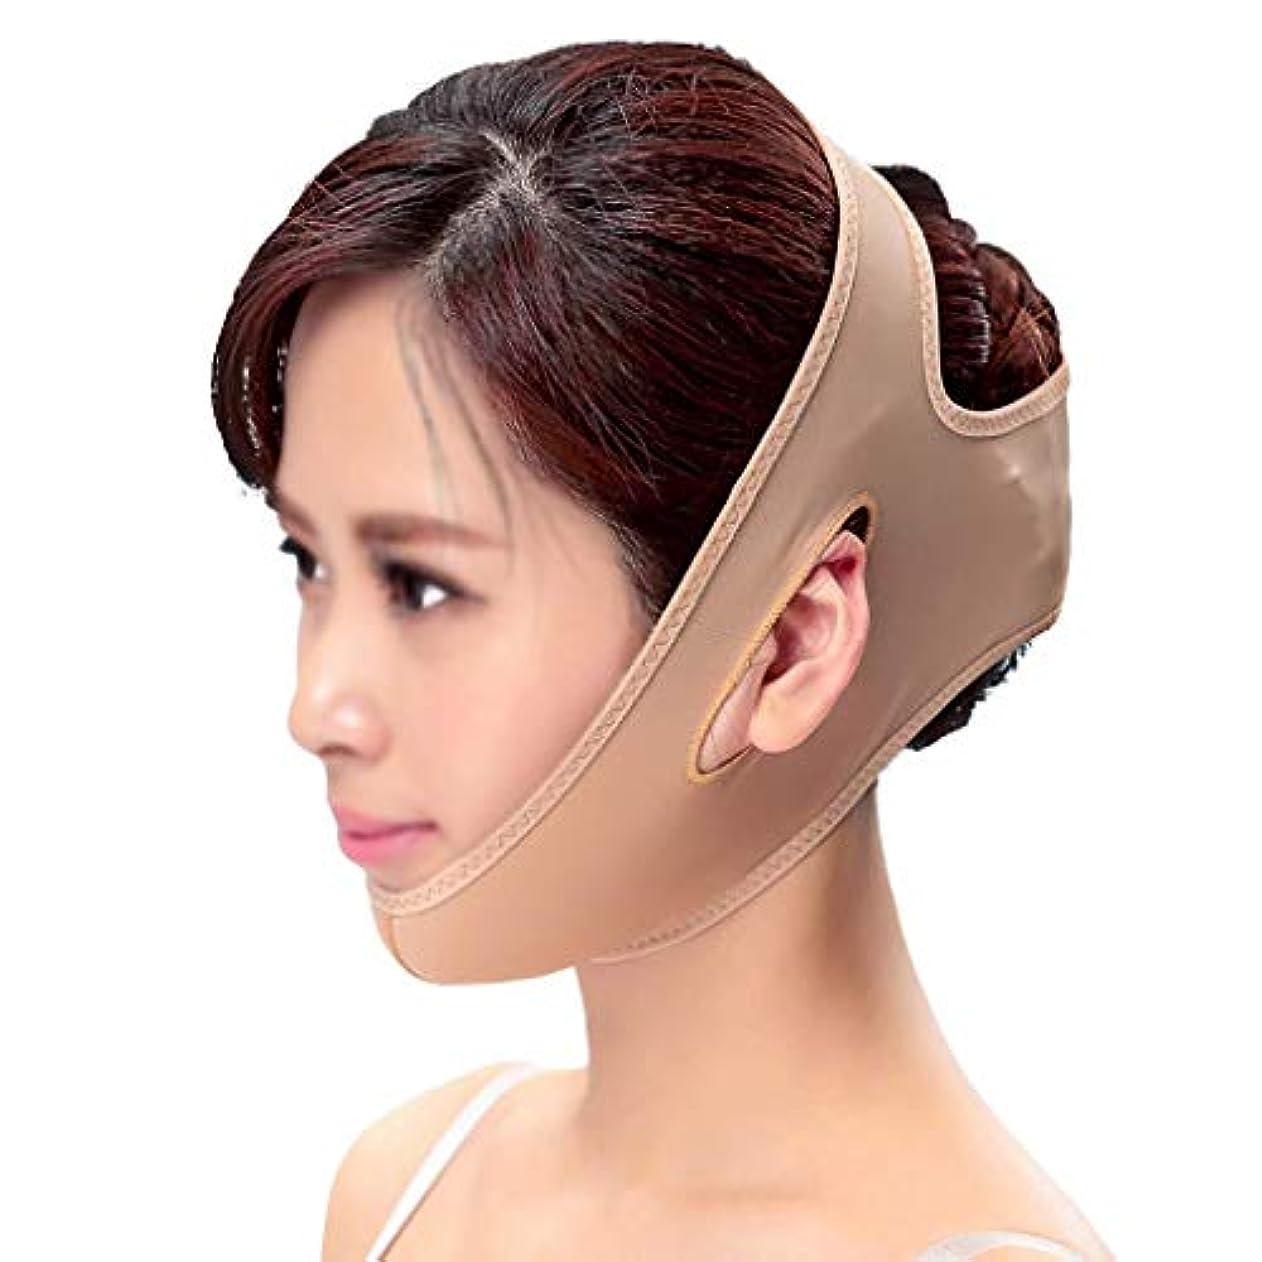 氏方言アラバマスリミングベルト、フェイシャルマスクシンフェイスマスクプラスチックスキニーフェイスアーティファクトto Masseter Muscle Double Chin Skin Graft Scar Hyperplasia Band V Face Line Carving Elastic Sleeve(Size:XXL)